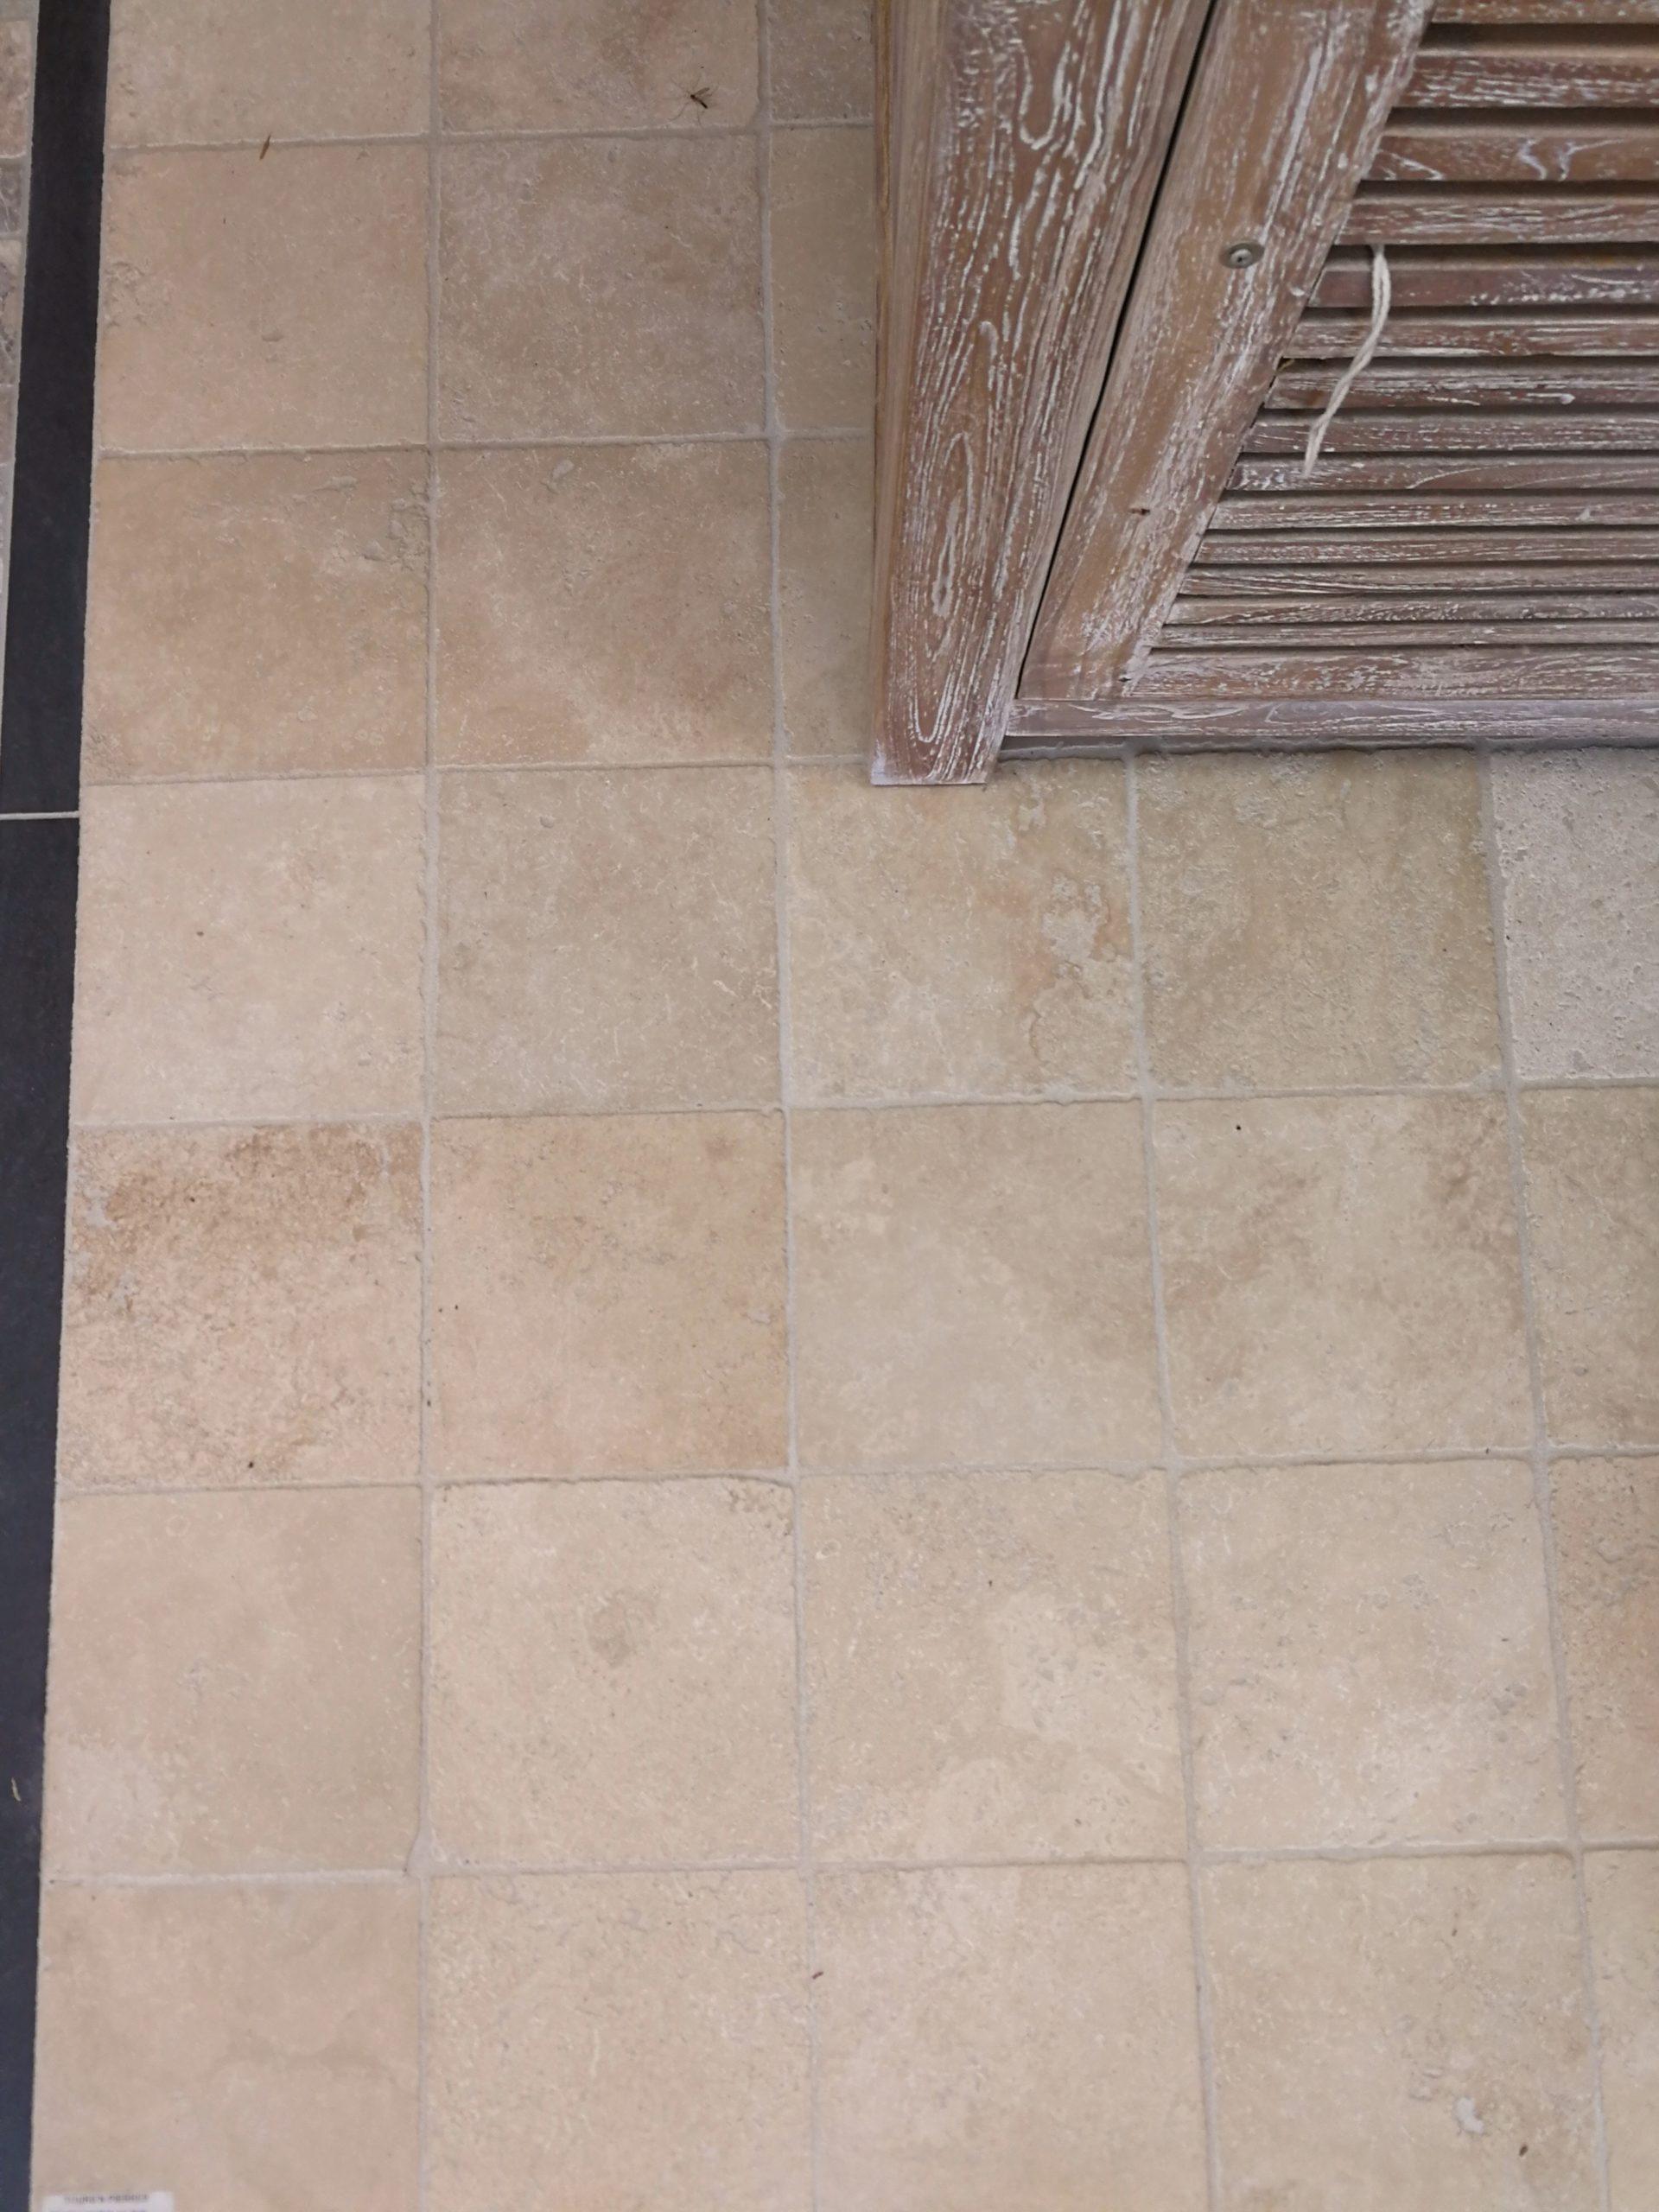 dalles en pierre naturelle, Travertin, 1er choix, beige légèrement nuancé